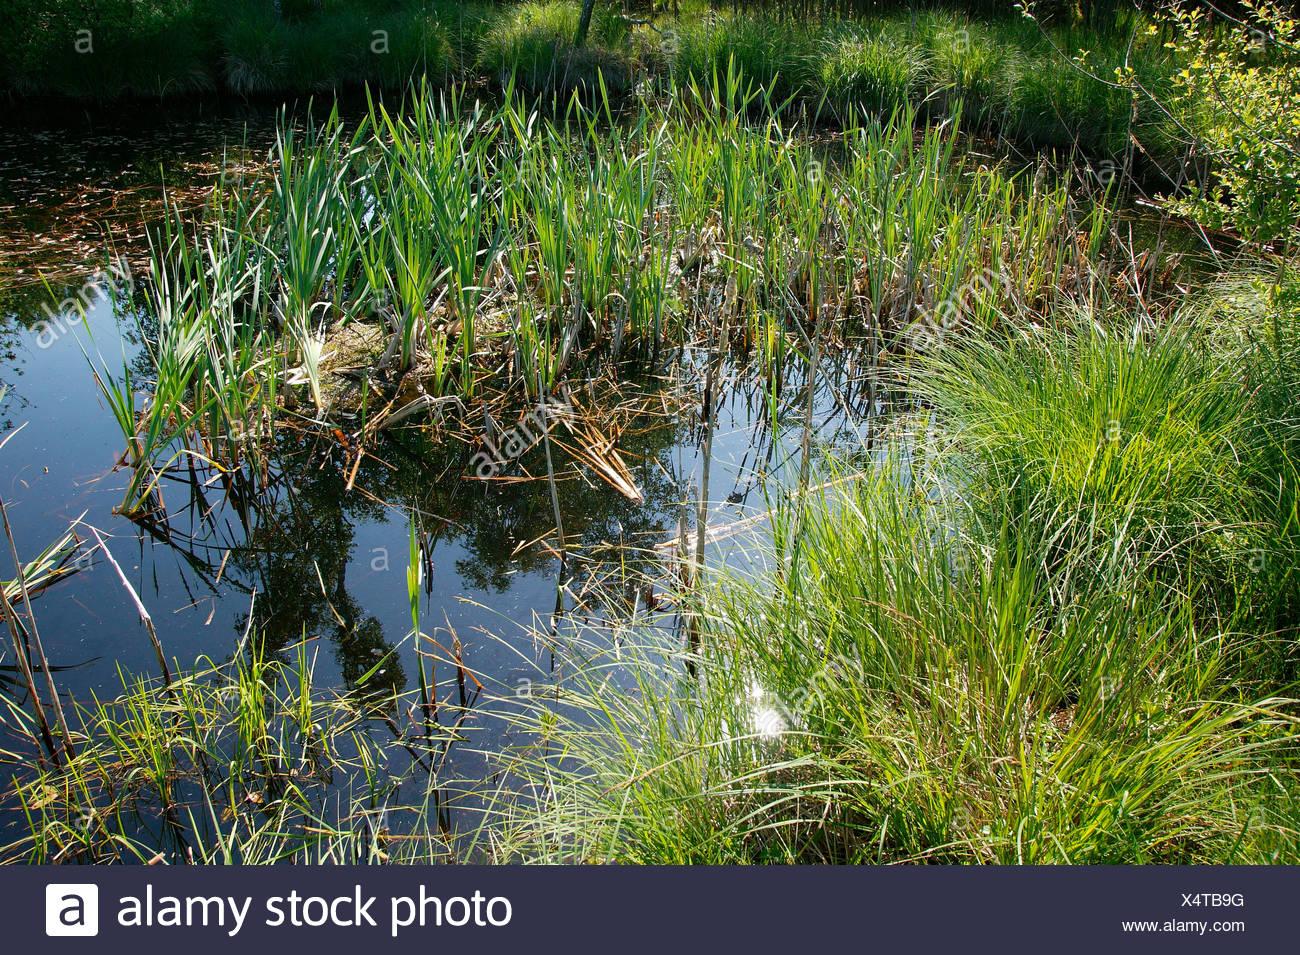 Mauremys leprosa reproduccion asexual de las plantas